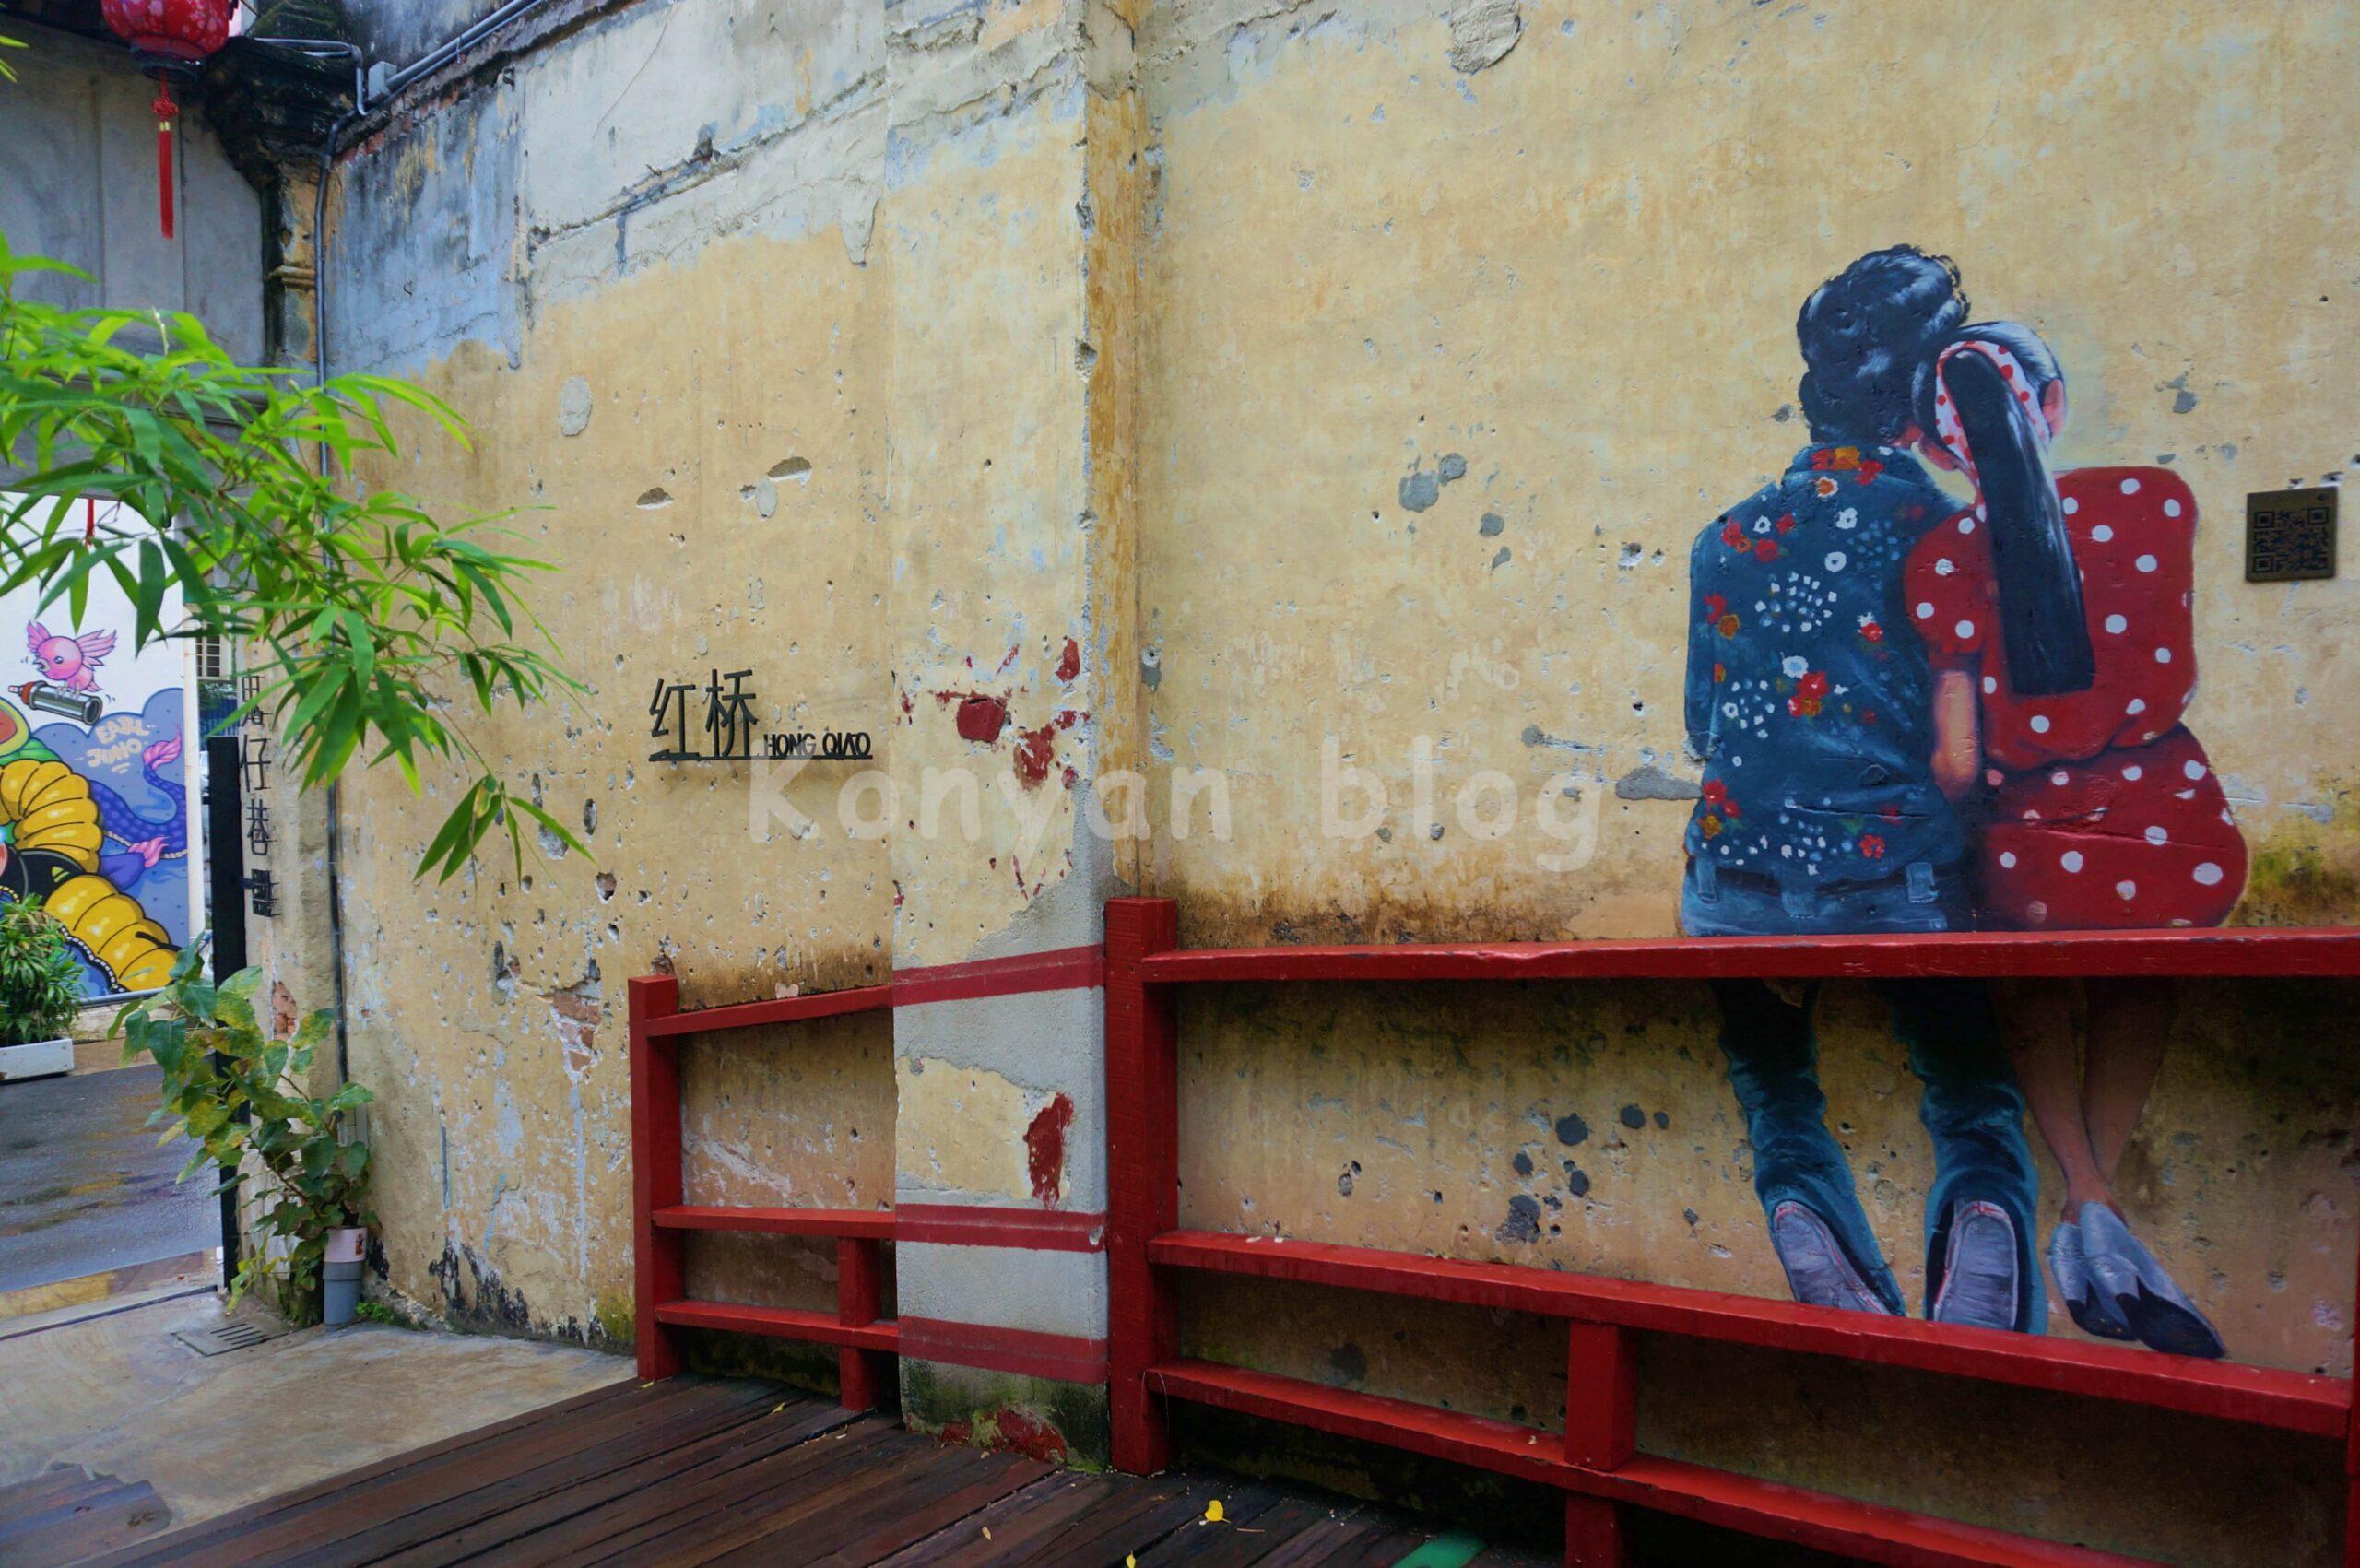 鬼仔巷 KWAI CHAI HONG 红桥